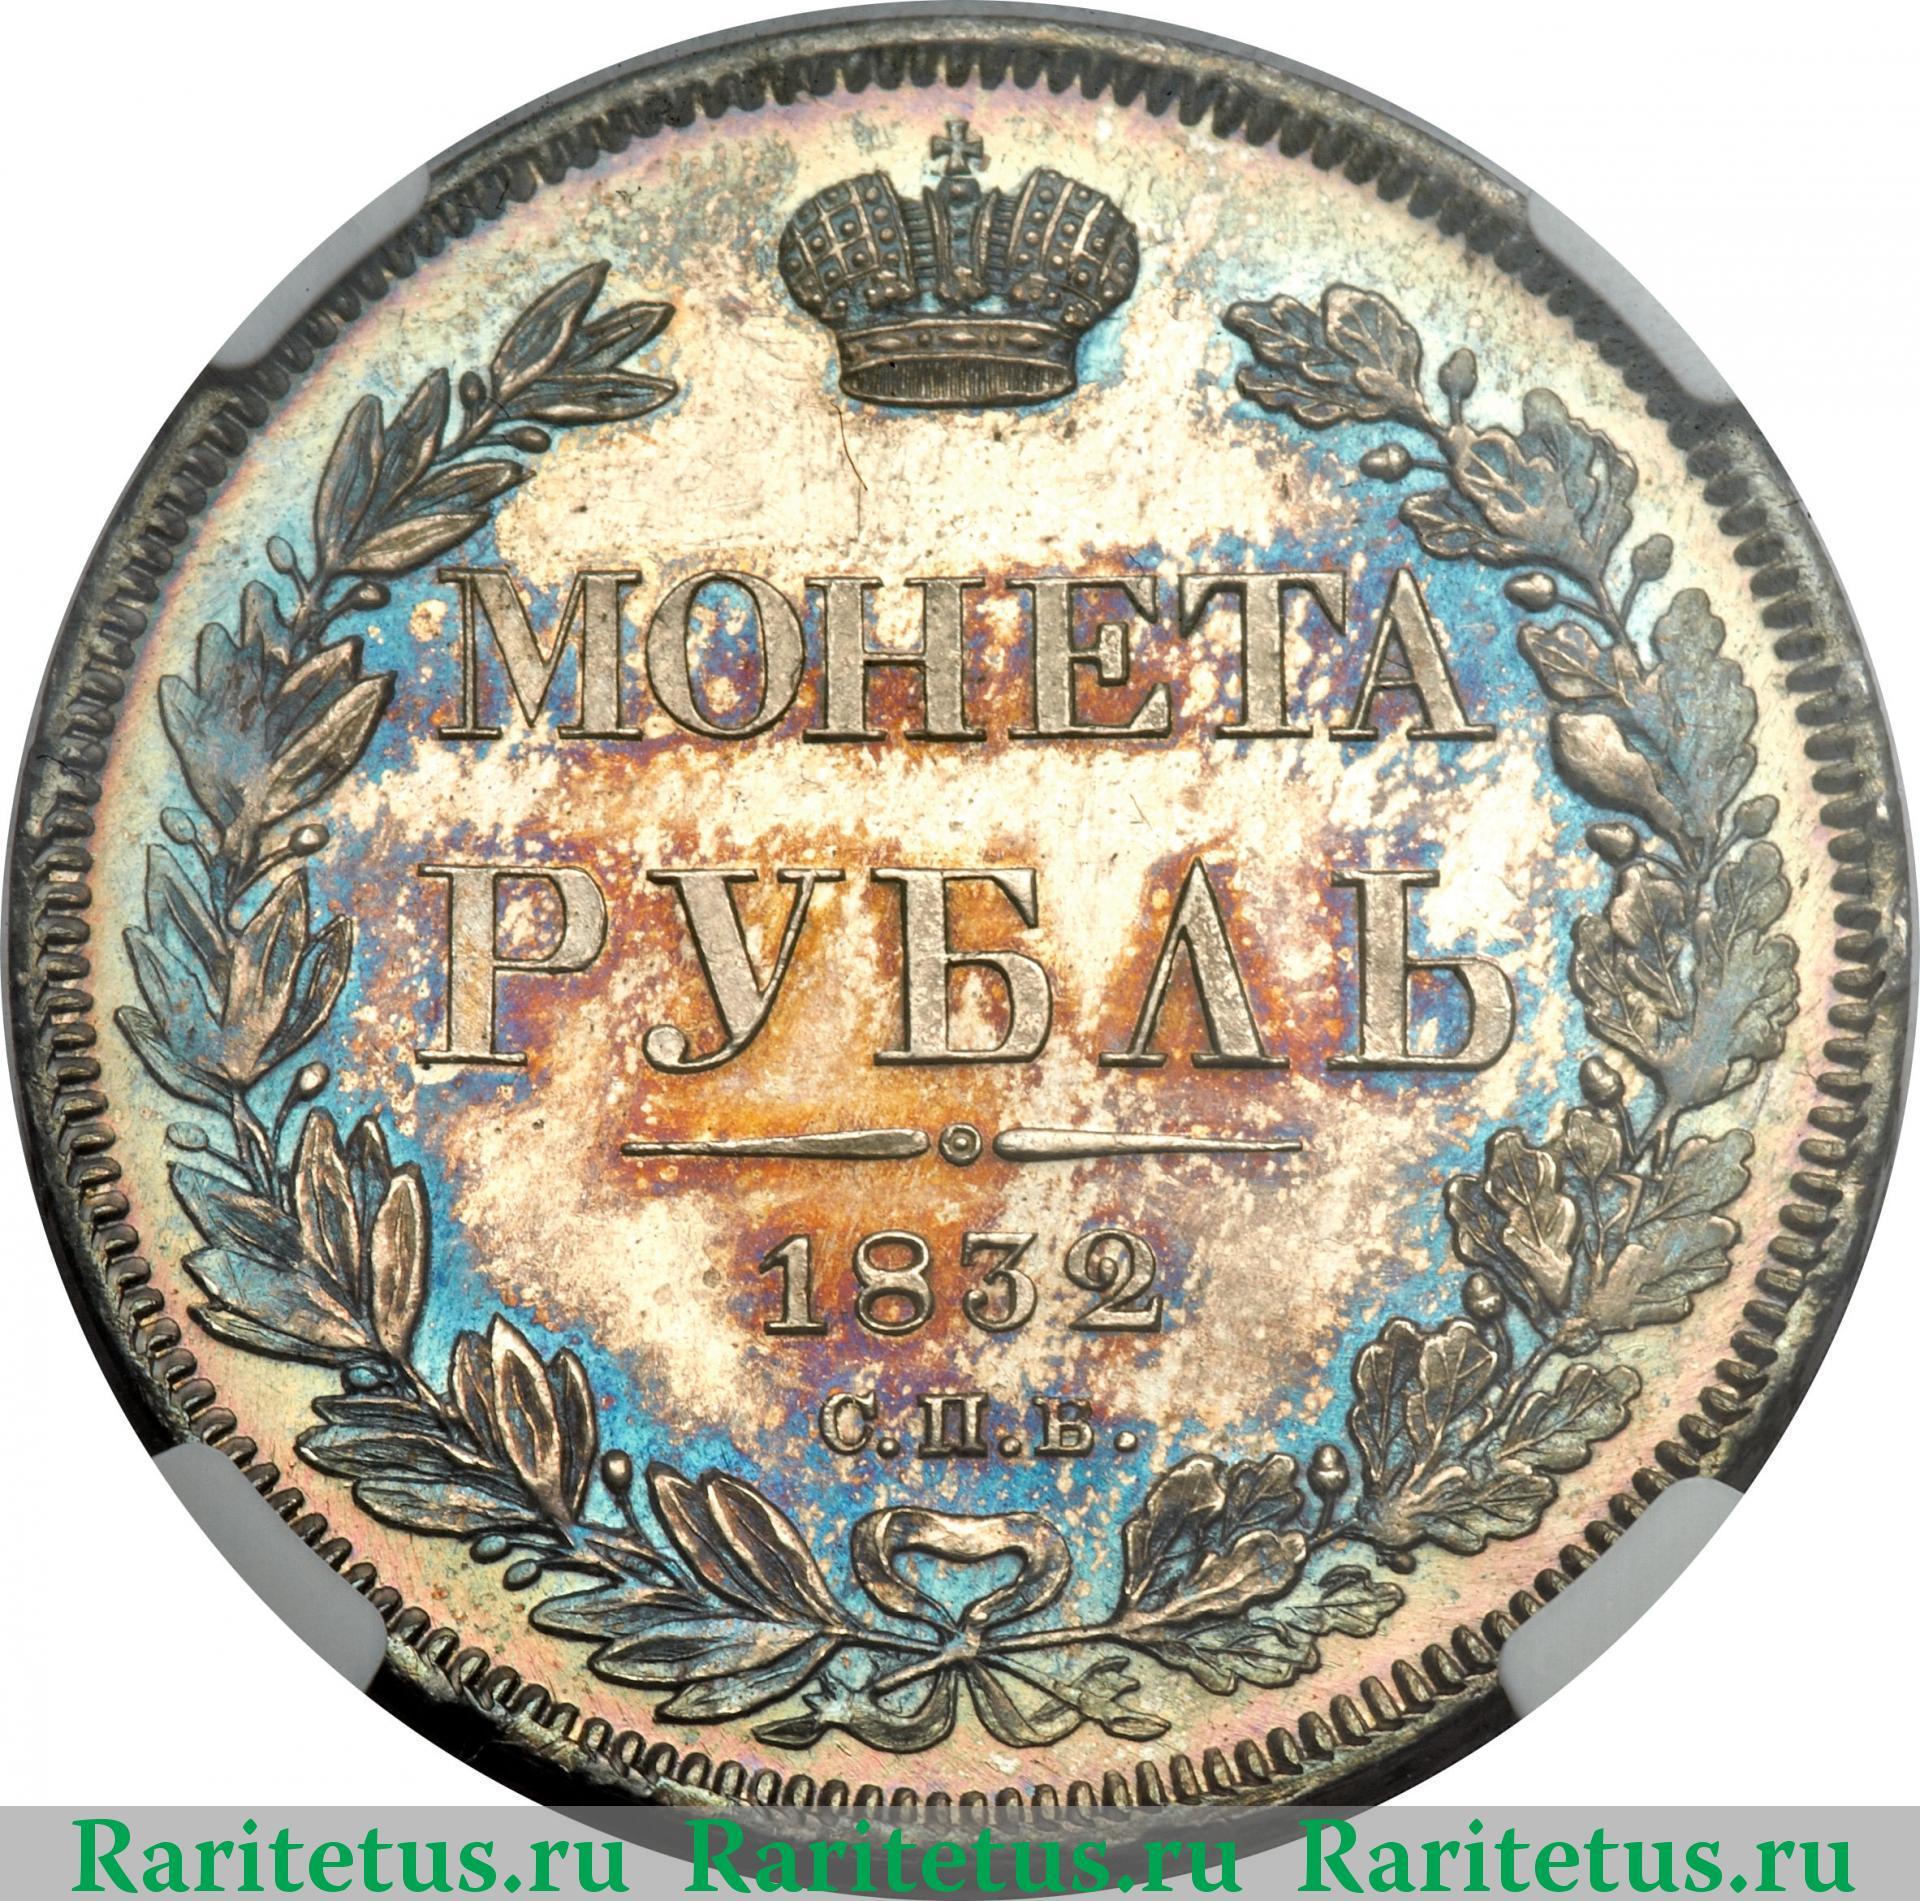 Монета рубль 1832 года чистого серебра юбилейные монеты россии 25 рублей сочи цена